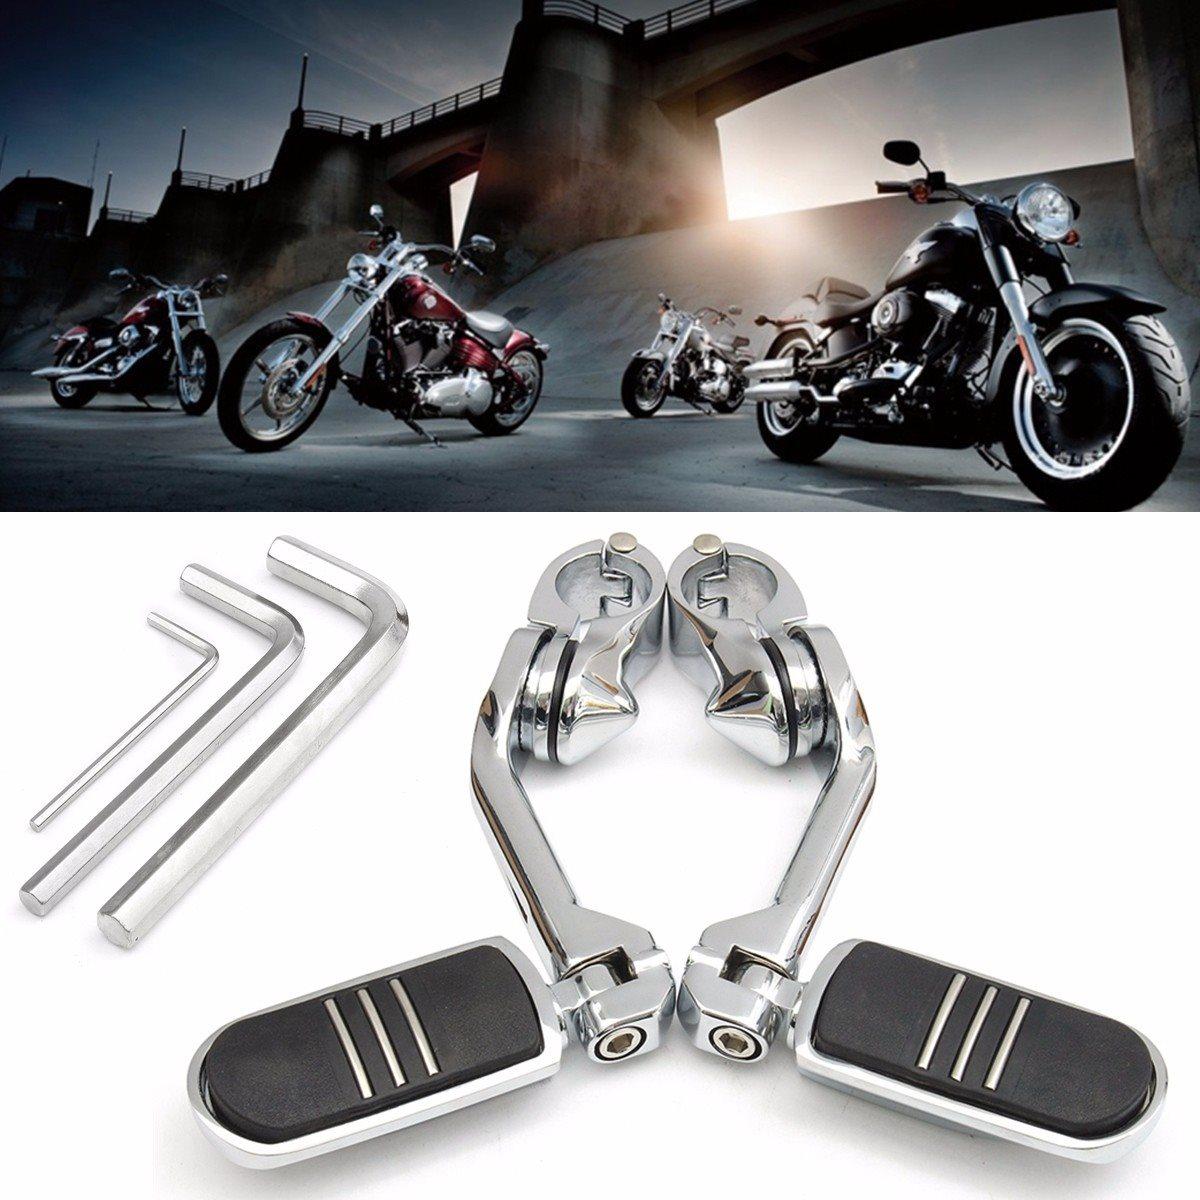 32мм 1.25 длинный Регулируемый хром Motorcycel задняя подножка педали для Harley-Дэвидсон